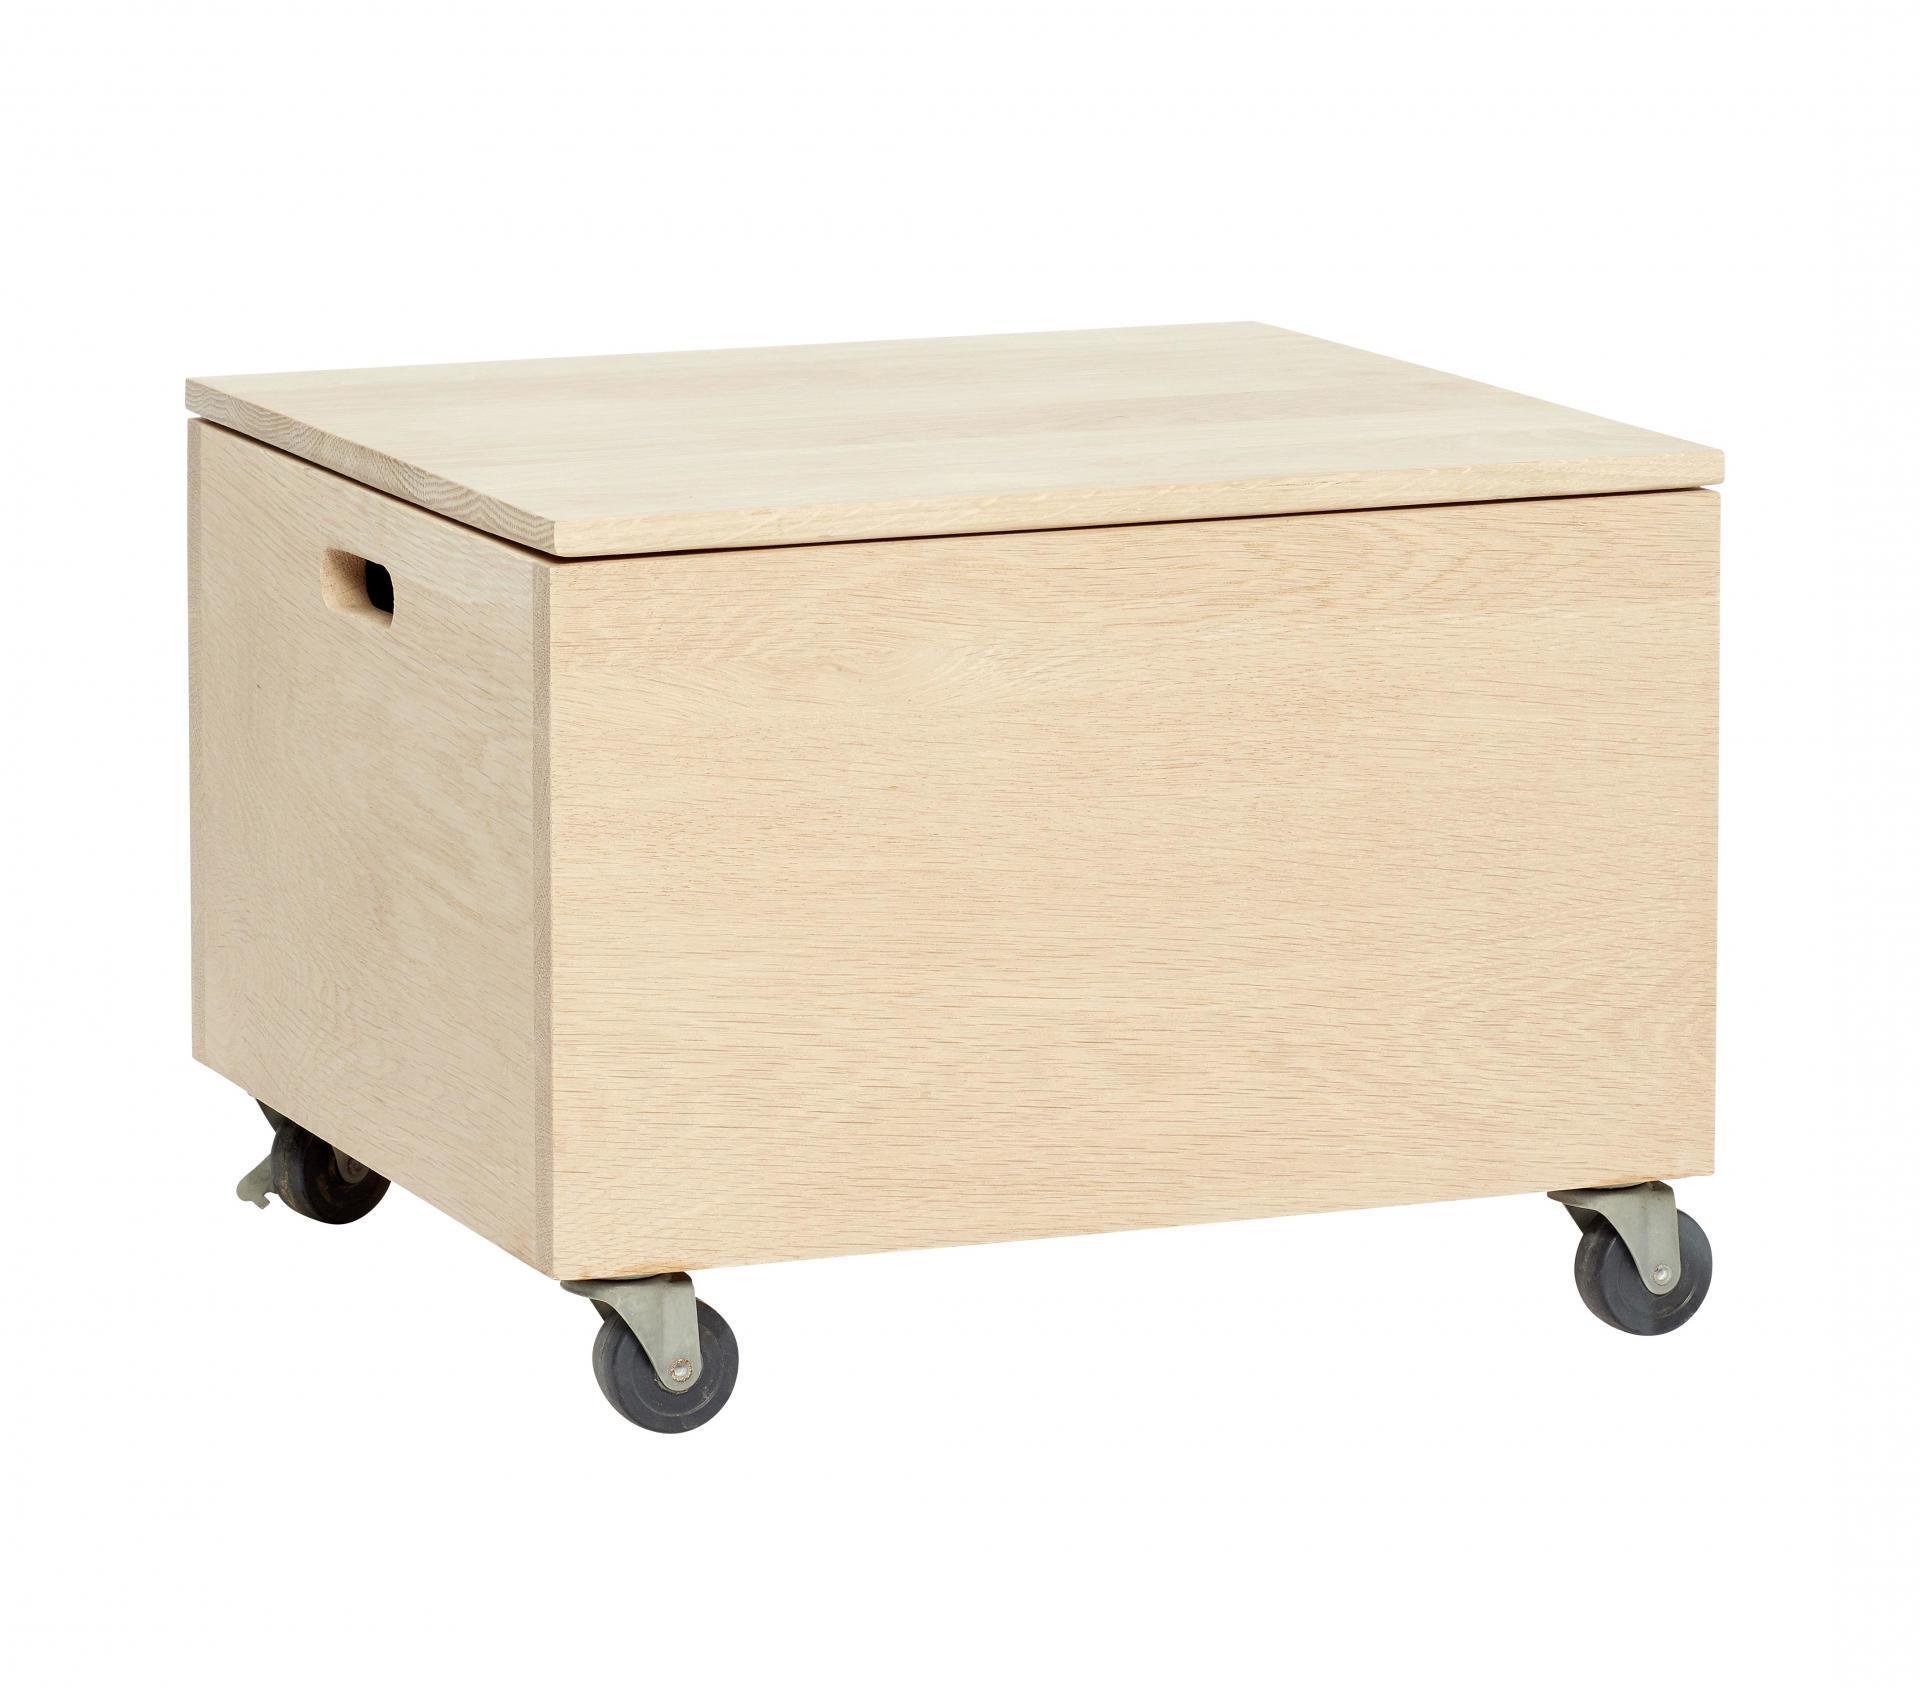 Hübsch Dřevěný úložný box na kolečkách Nature, béžová barva, hnědá barva, dřevo